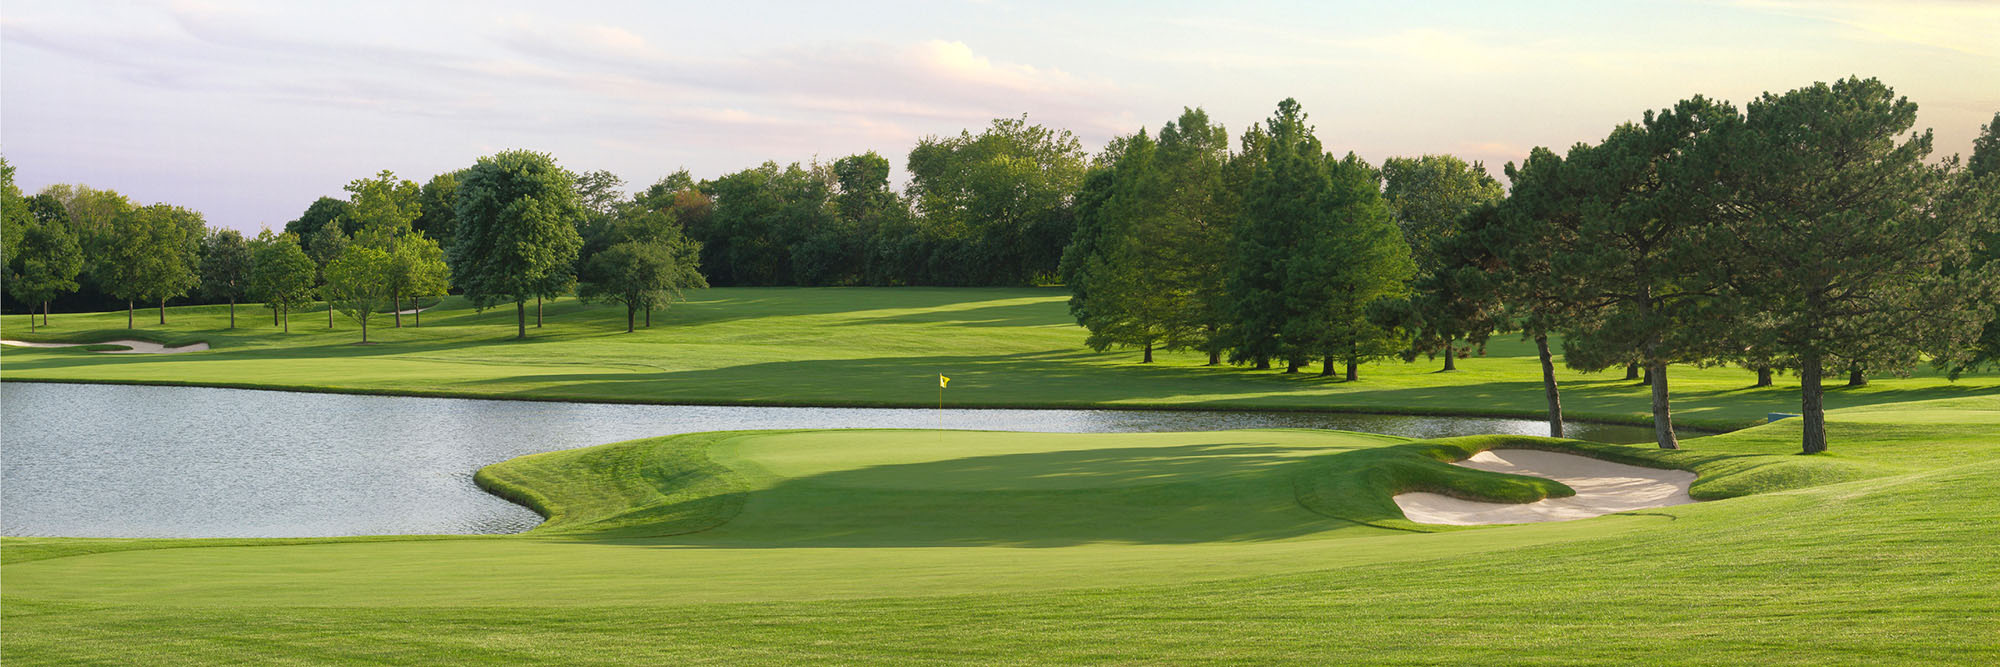 Golf Course Image - Butler National No. 13